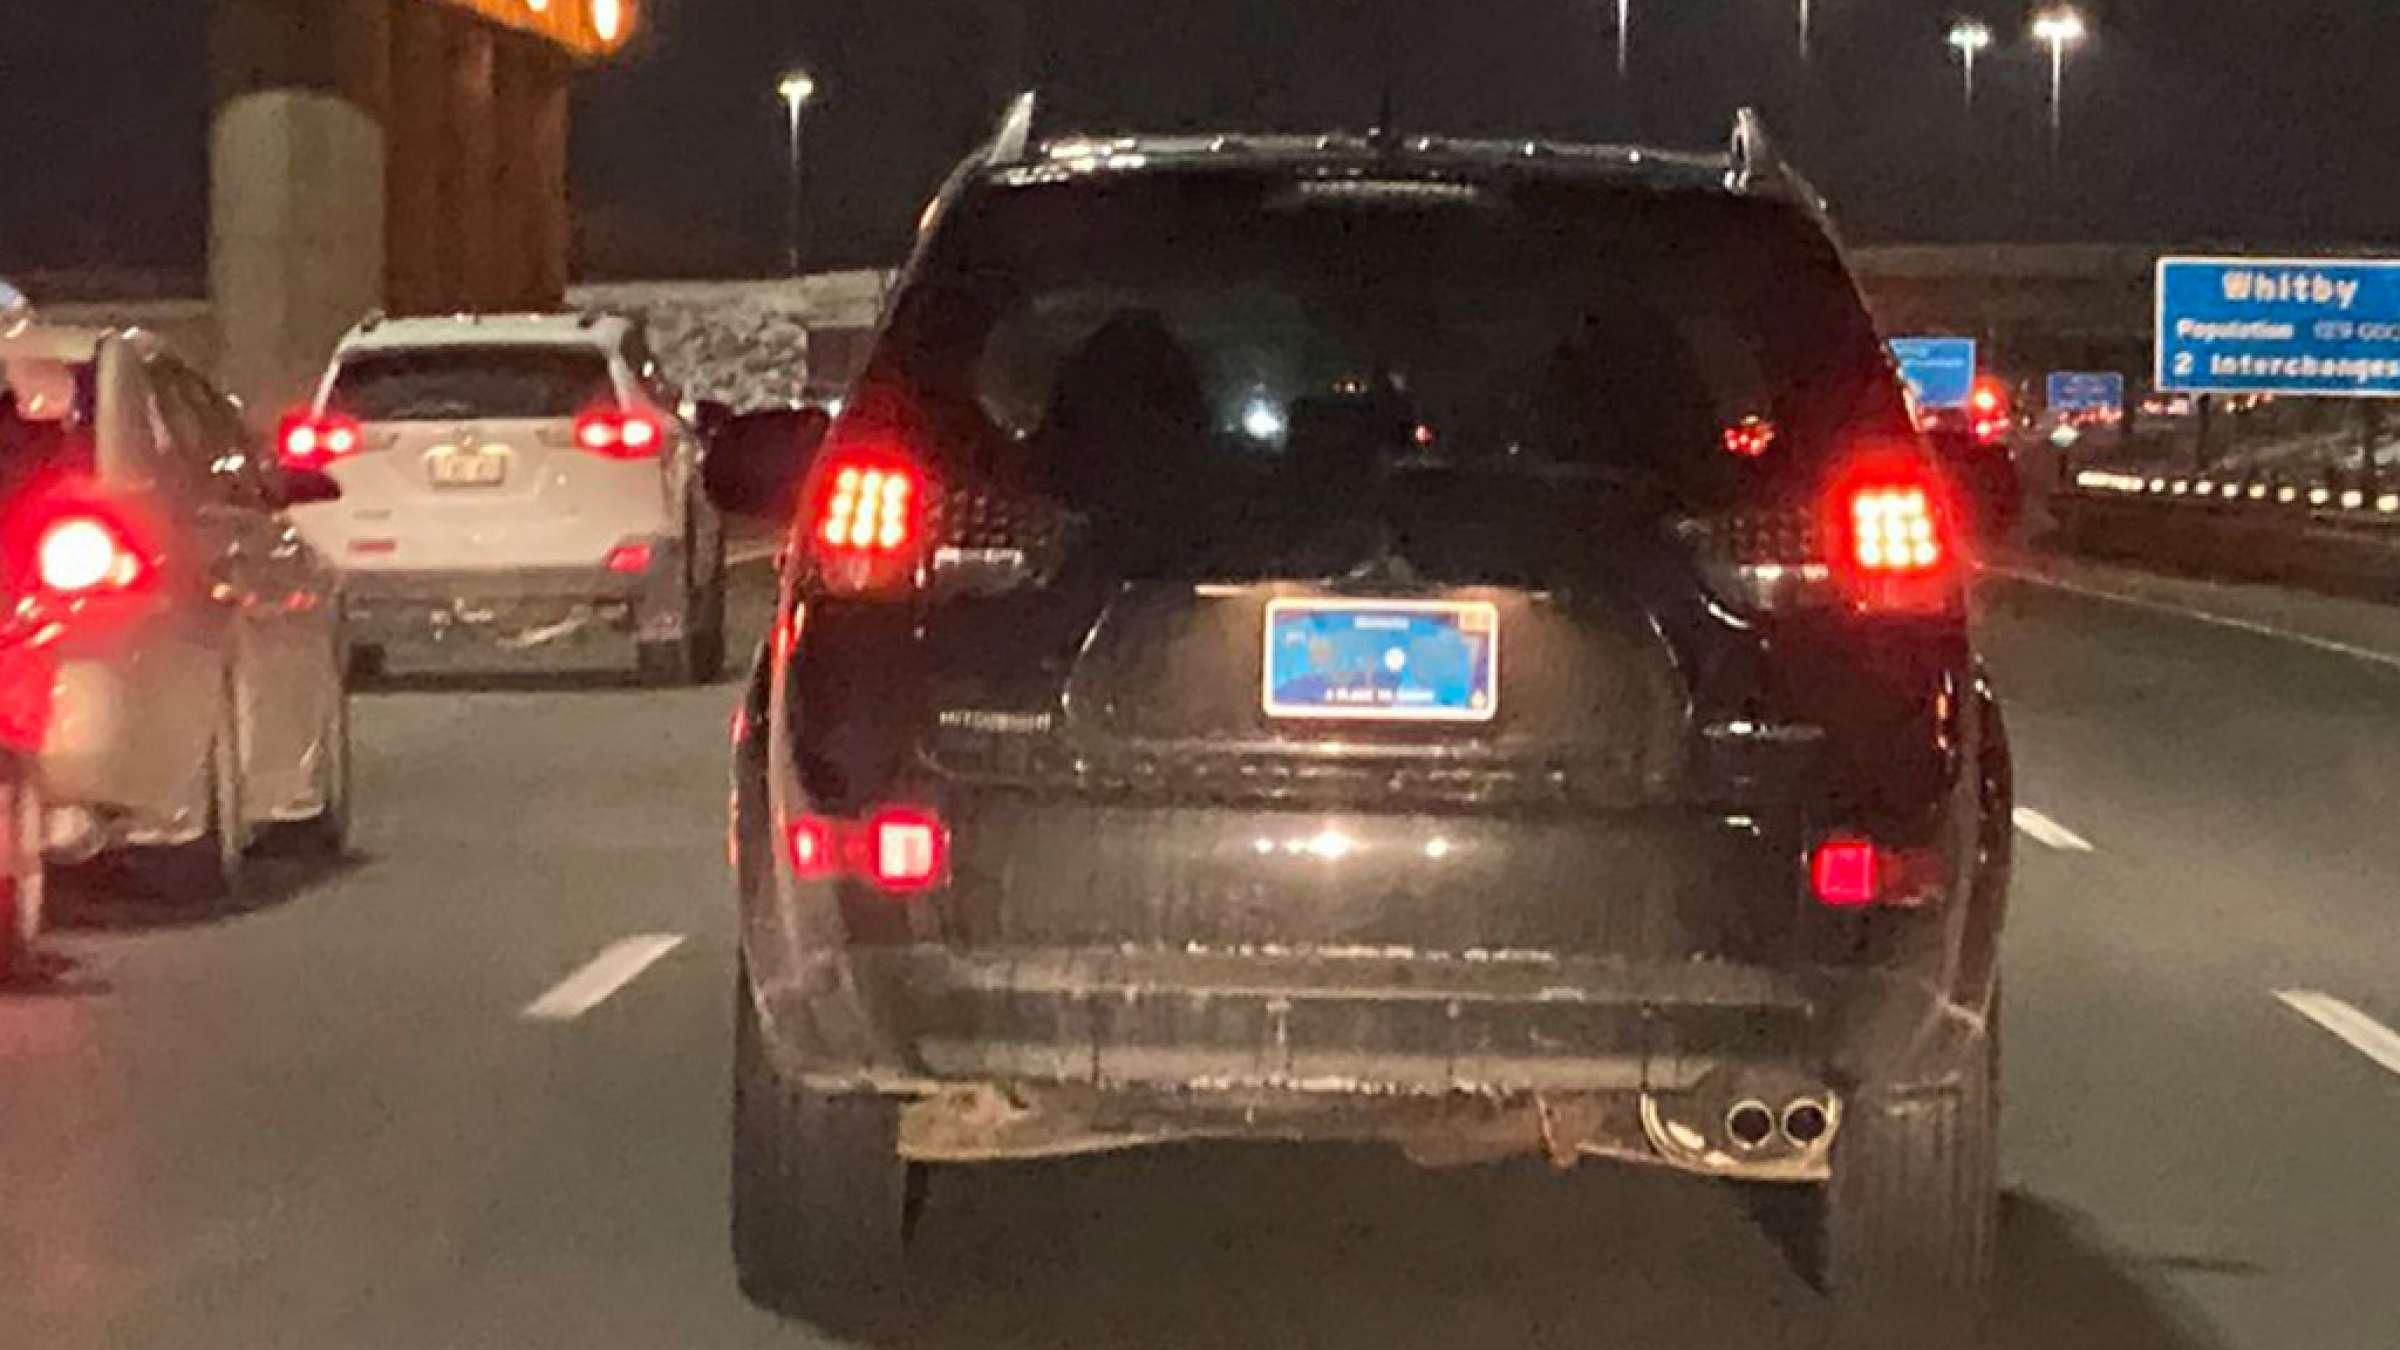 اخبار-تورنتو-پلاک-جدید-خودروهای-انتاریو-قابل-خواندن-در-شب-نیست